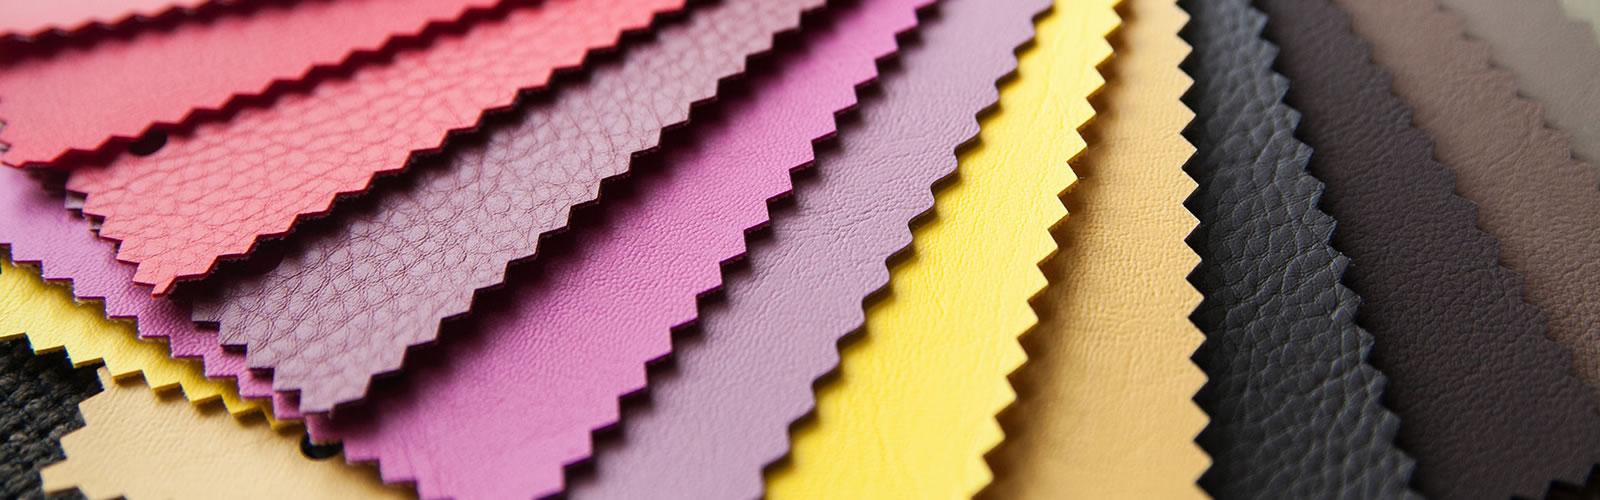 Upholsterers Insurance